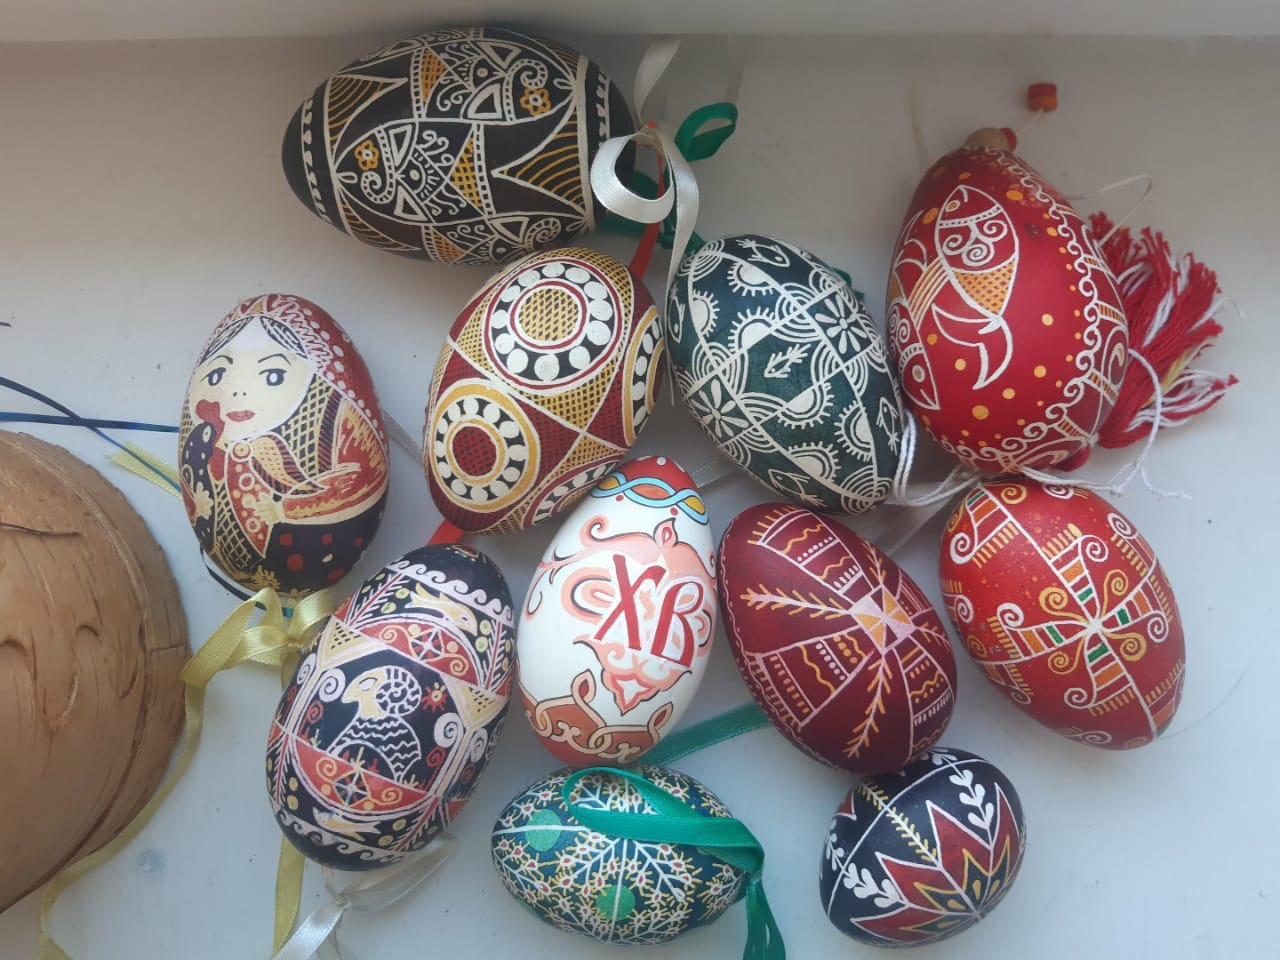 фото Пасхальные символы, обереги для «гусиного племени» и украшения на ёлку: жительница Новосибирска более 10 лет расписывает яйца на заказ 3